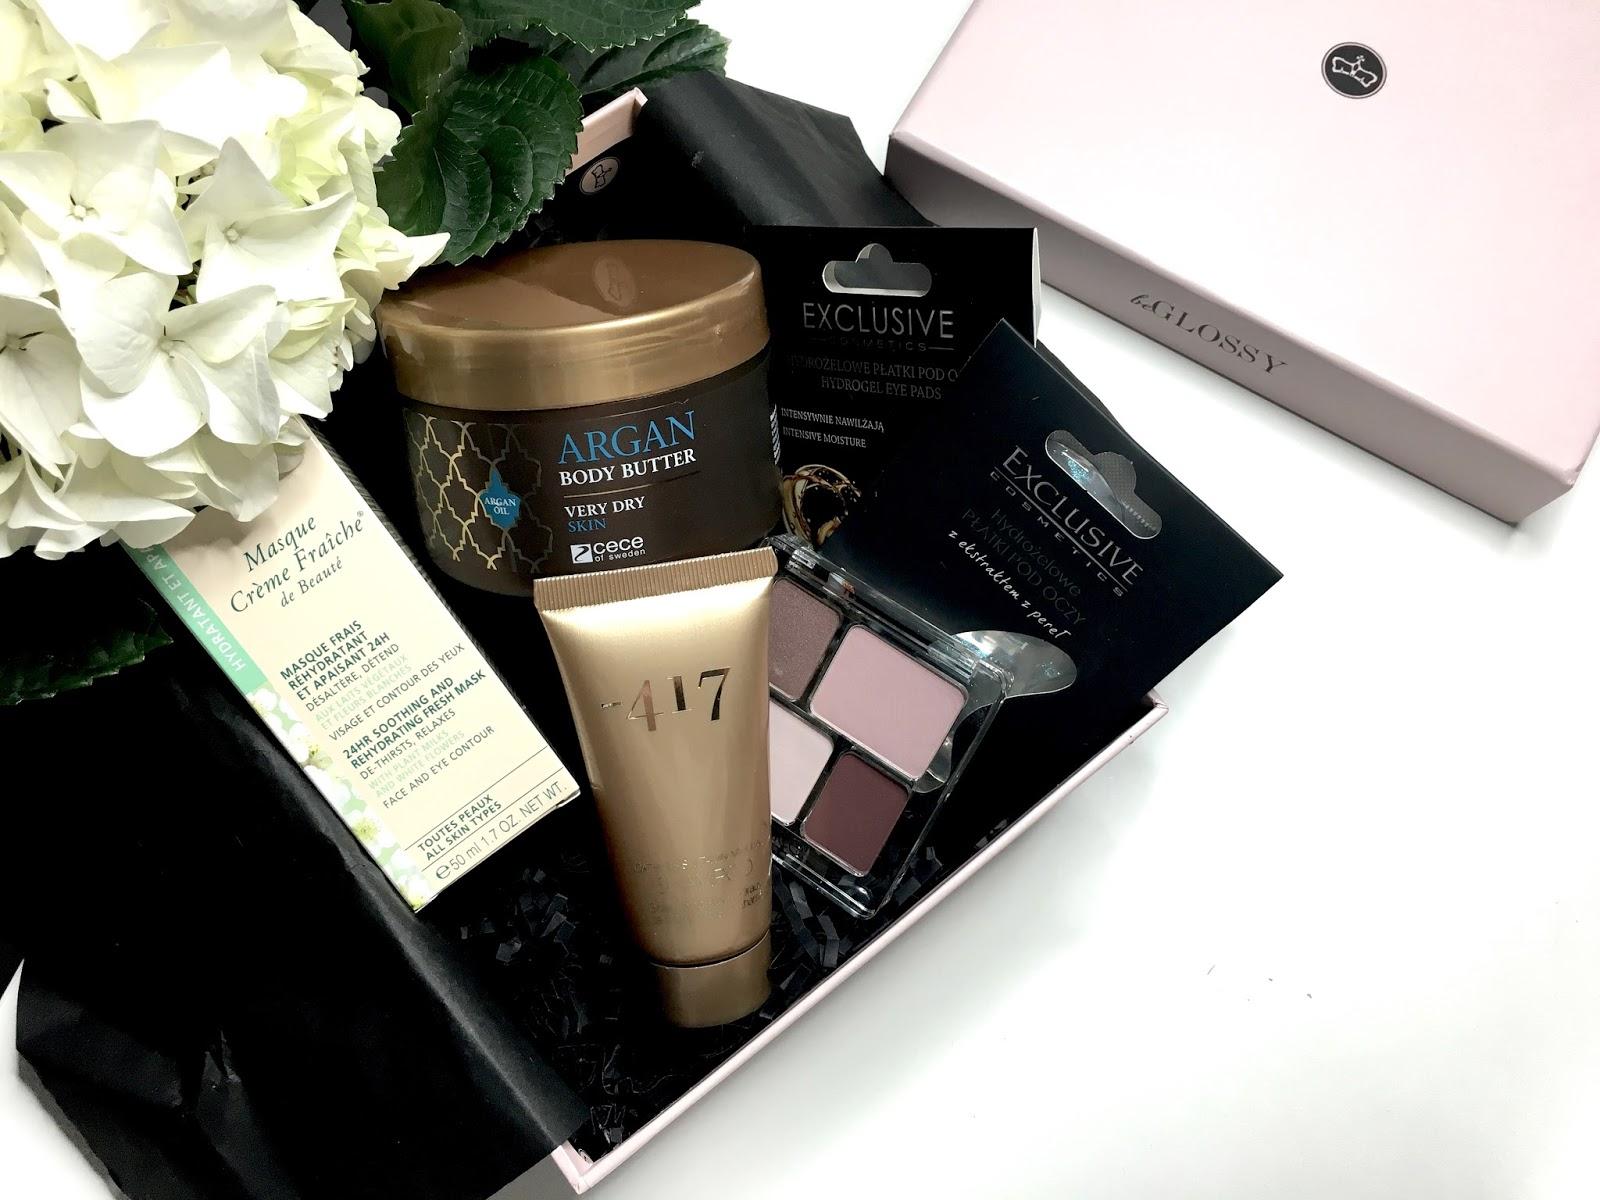 Moje pierwsze pudełko kosmetyczne!